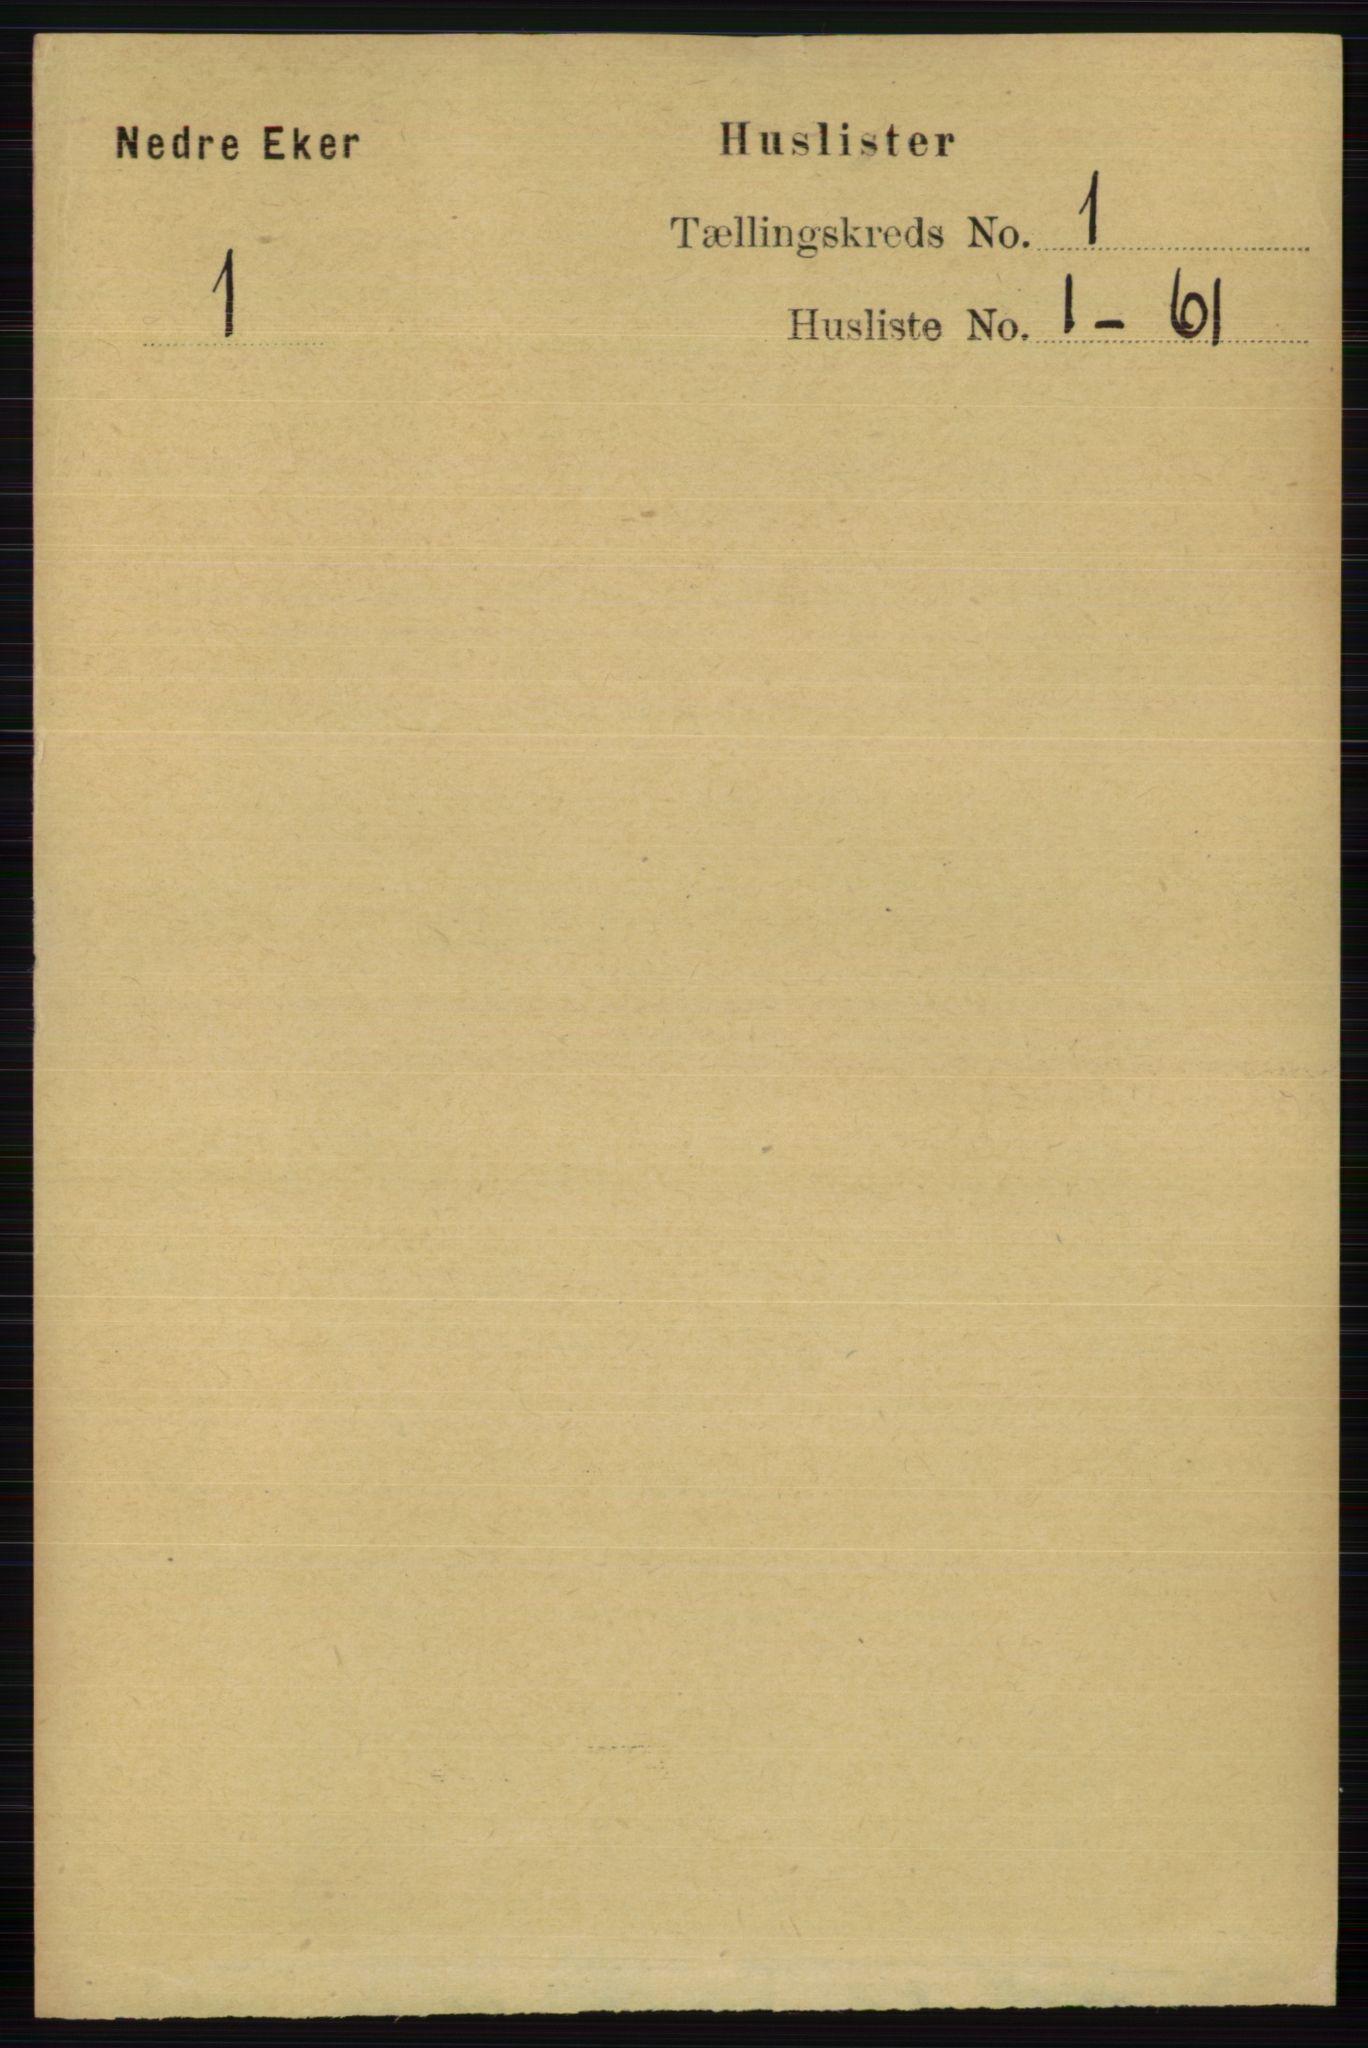 RA, Folketelling 1891 for 0625 Nedre Eiker herred, 1891, s. 24